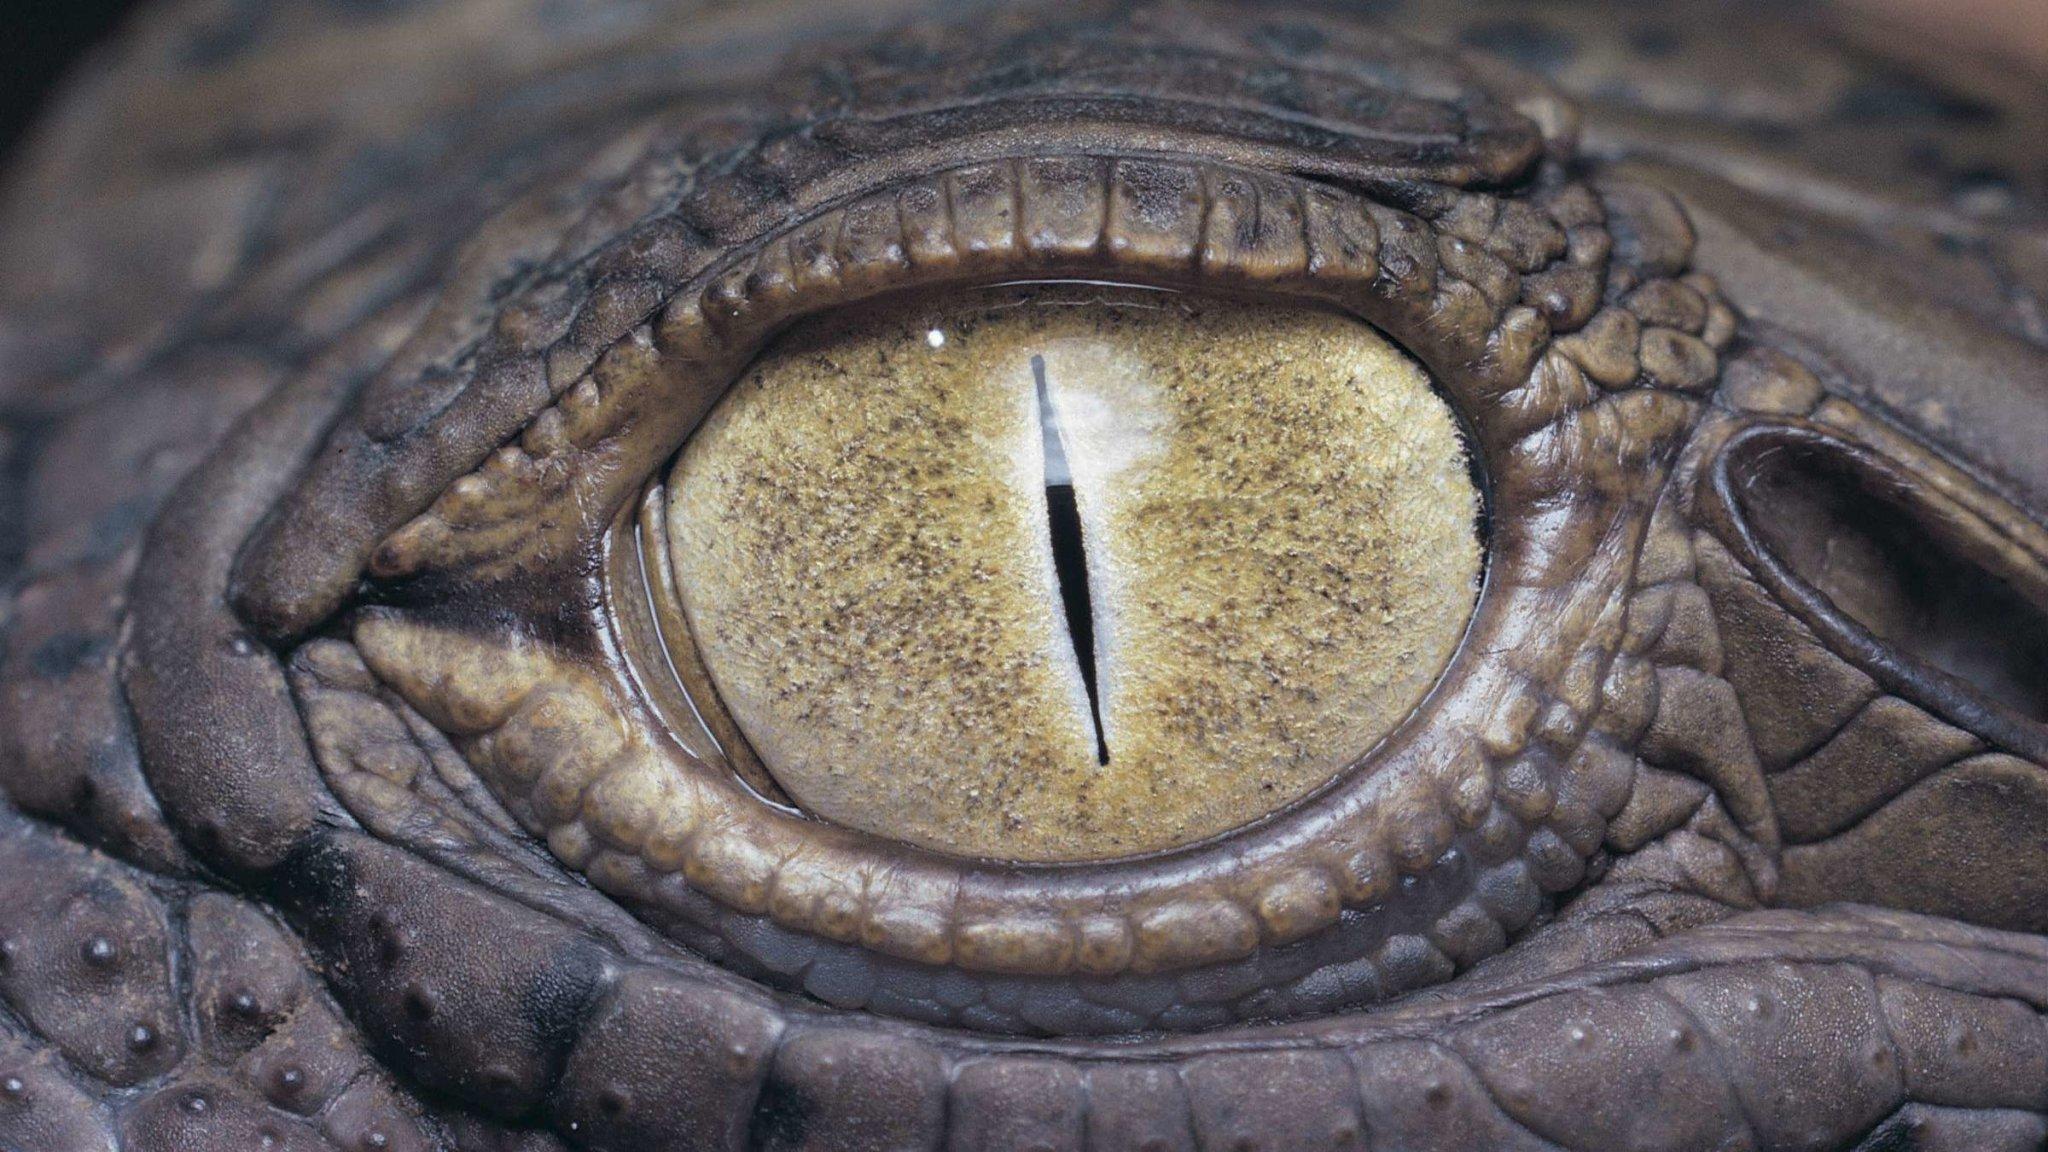 The Killer Crocodile That Haunted the Waters of Burundi